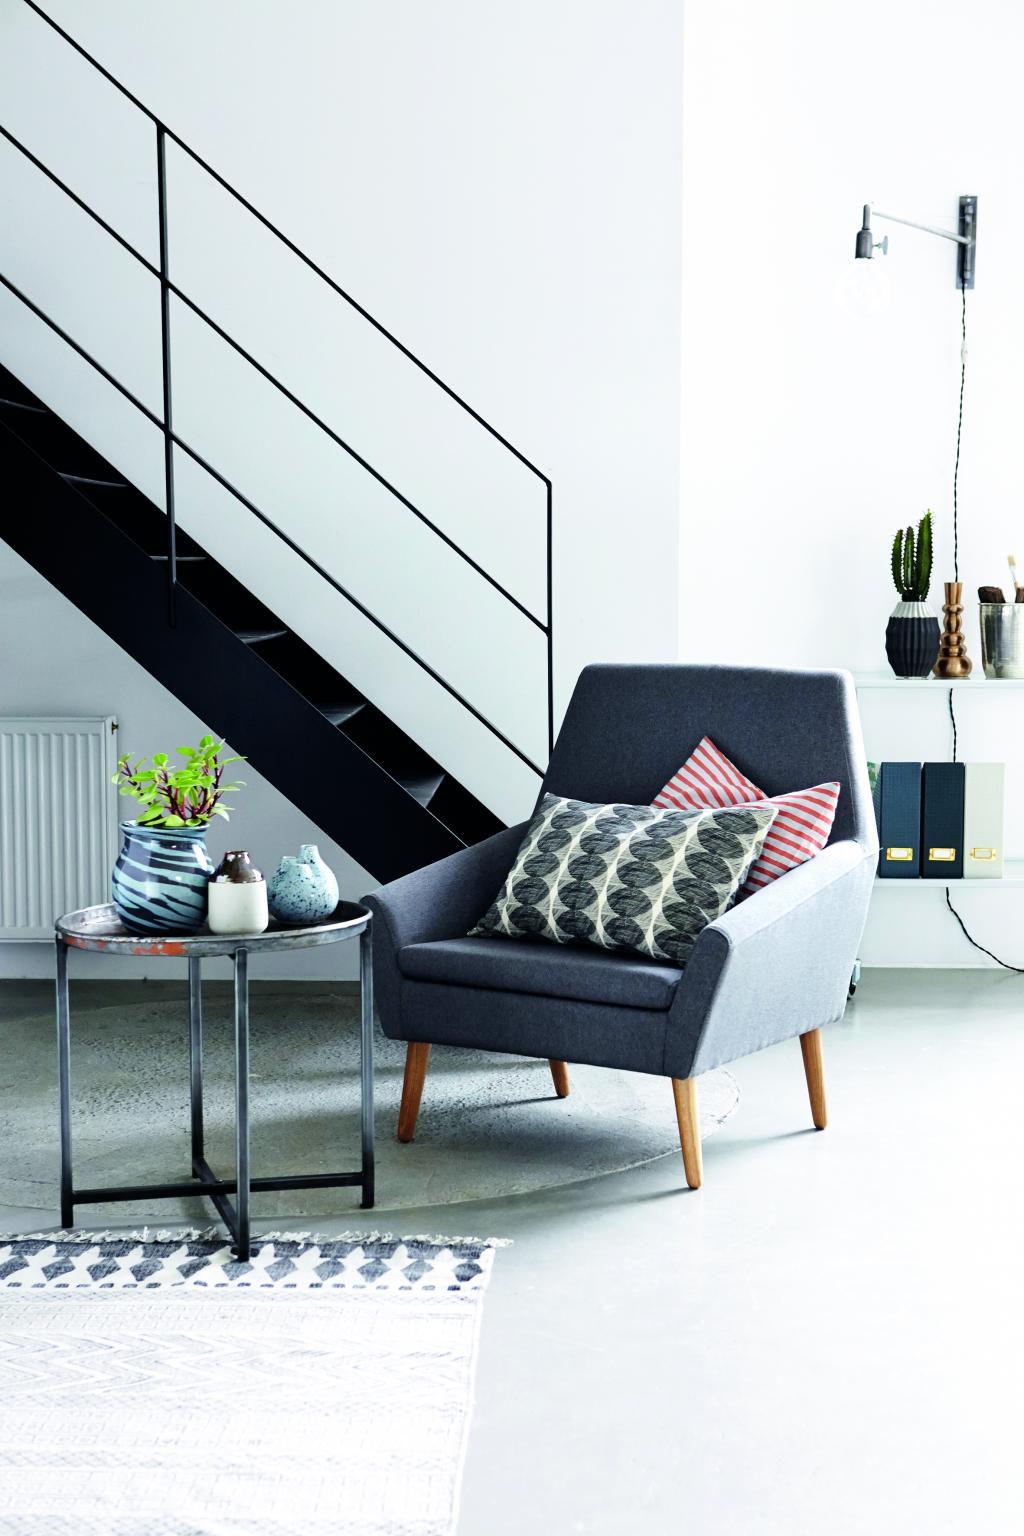 vloerkleed block grijs zwart 60x90 katoen house doctor. Black Bedroom Furniture Sets. Home Design Ideas